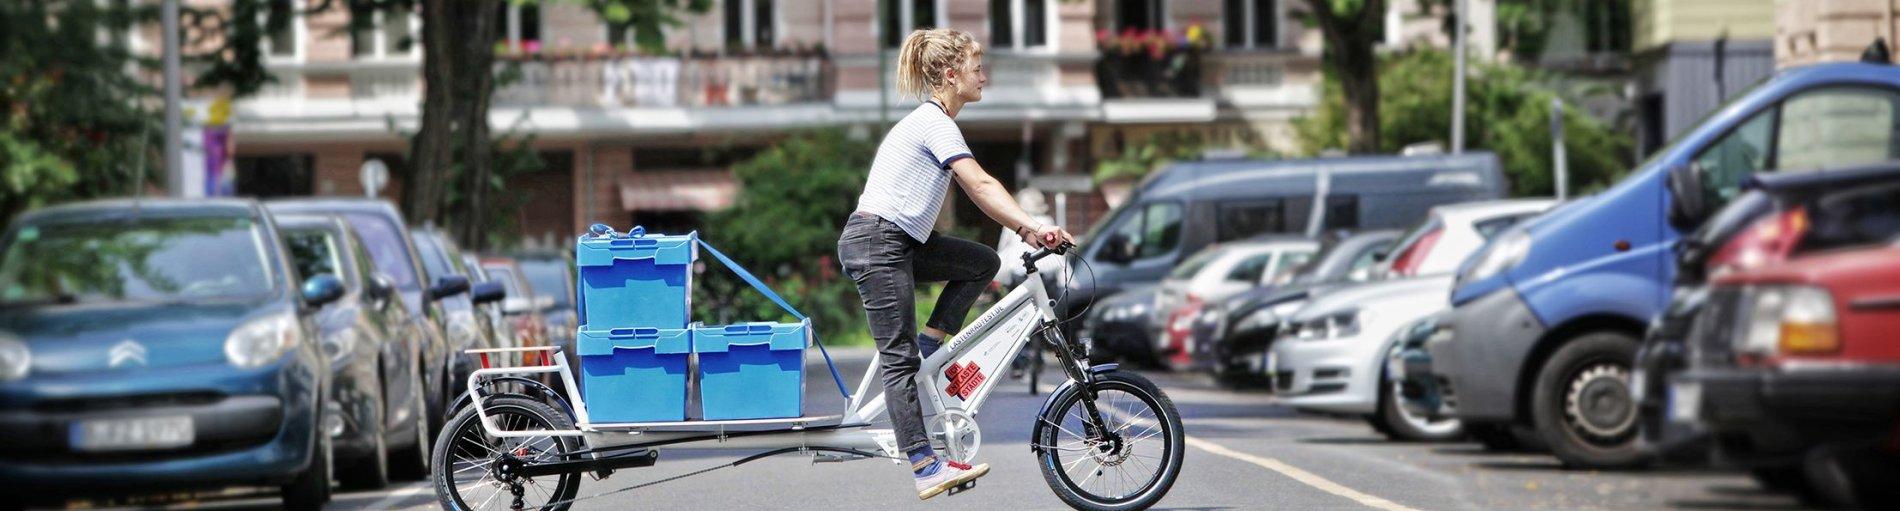 Eine Frau fährt auf einem Lastenfahrrad